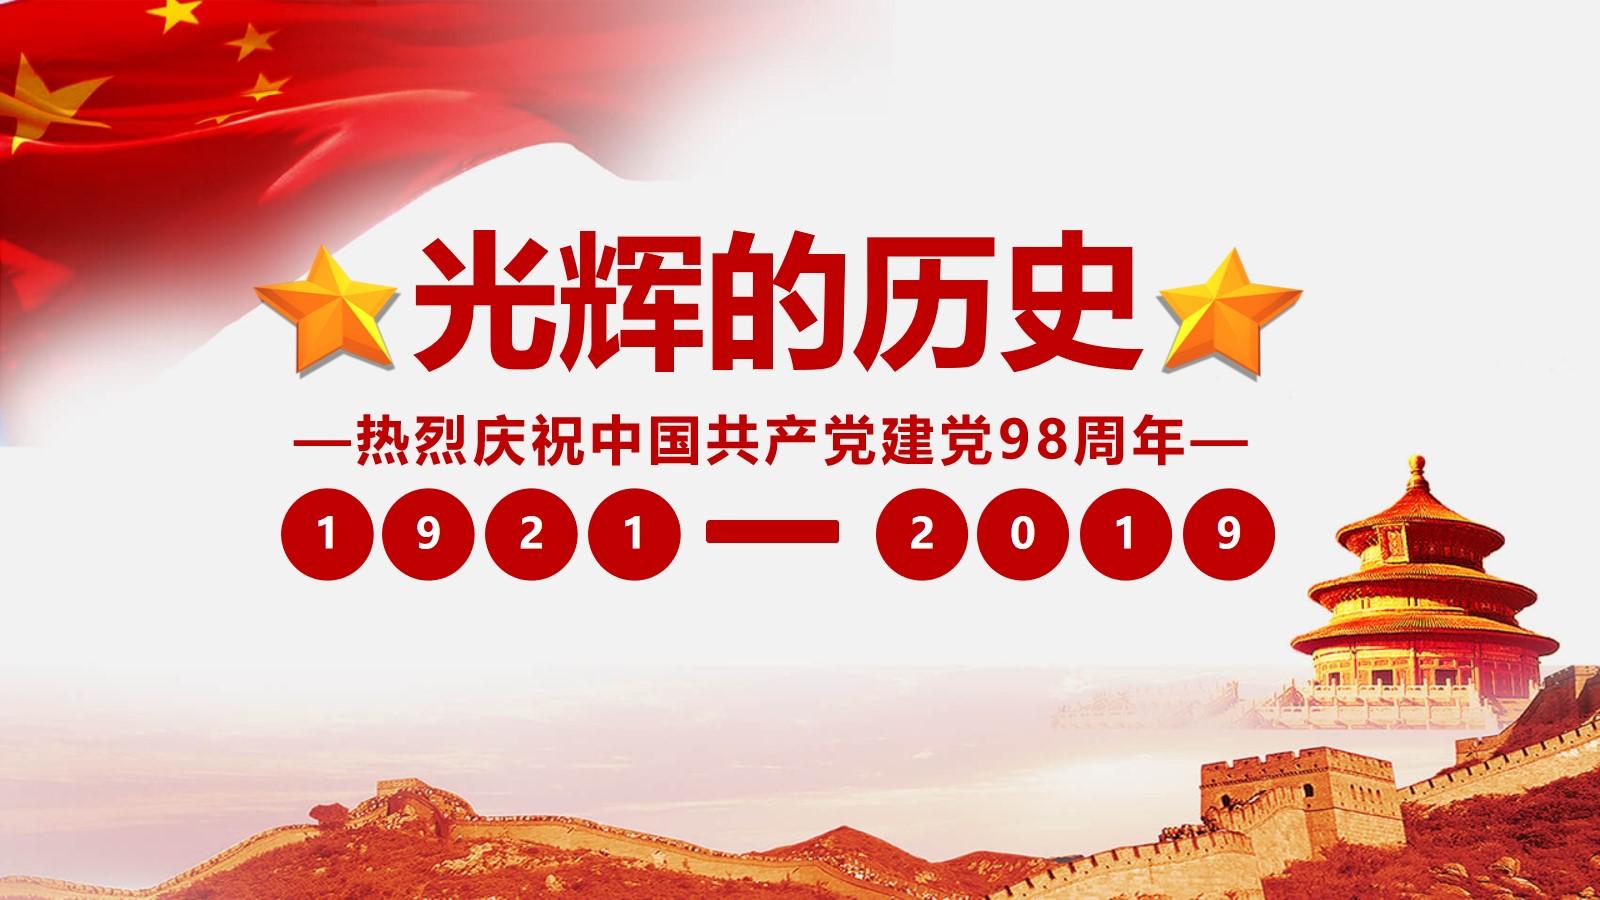 《光辉的历史》庆祝中国共产党建党98周年PPT模板